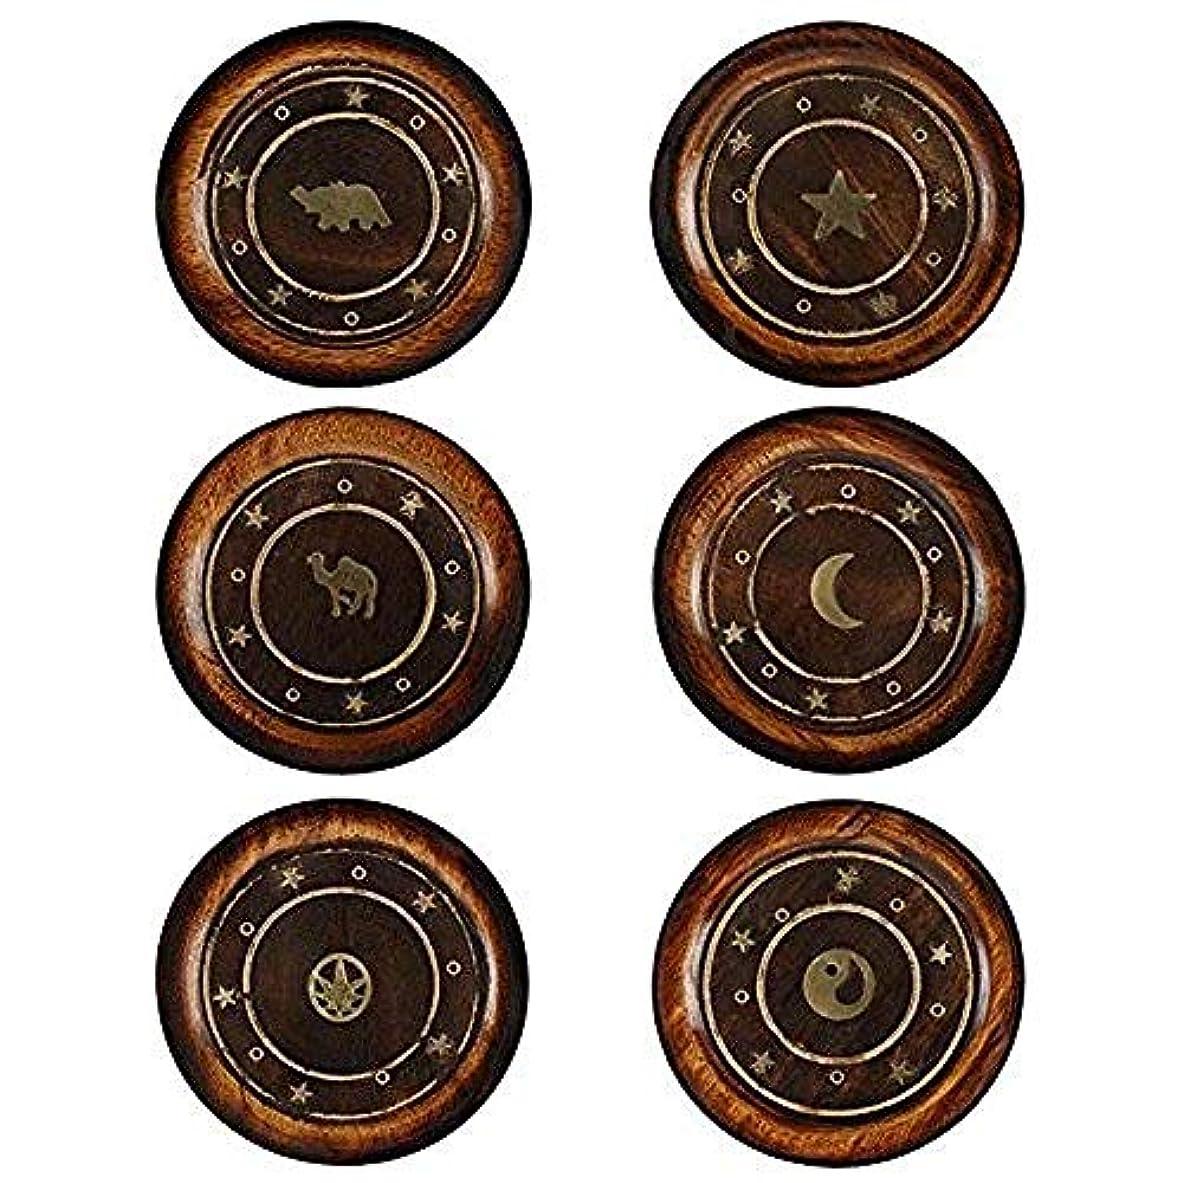 容器自然に賛成Mangowood Round Plate Incense Holder with Brass Inlay